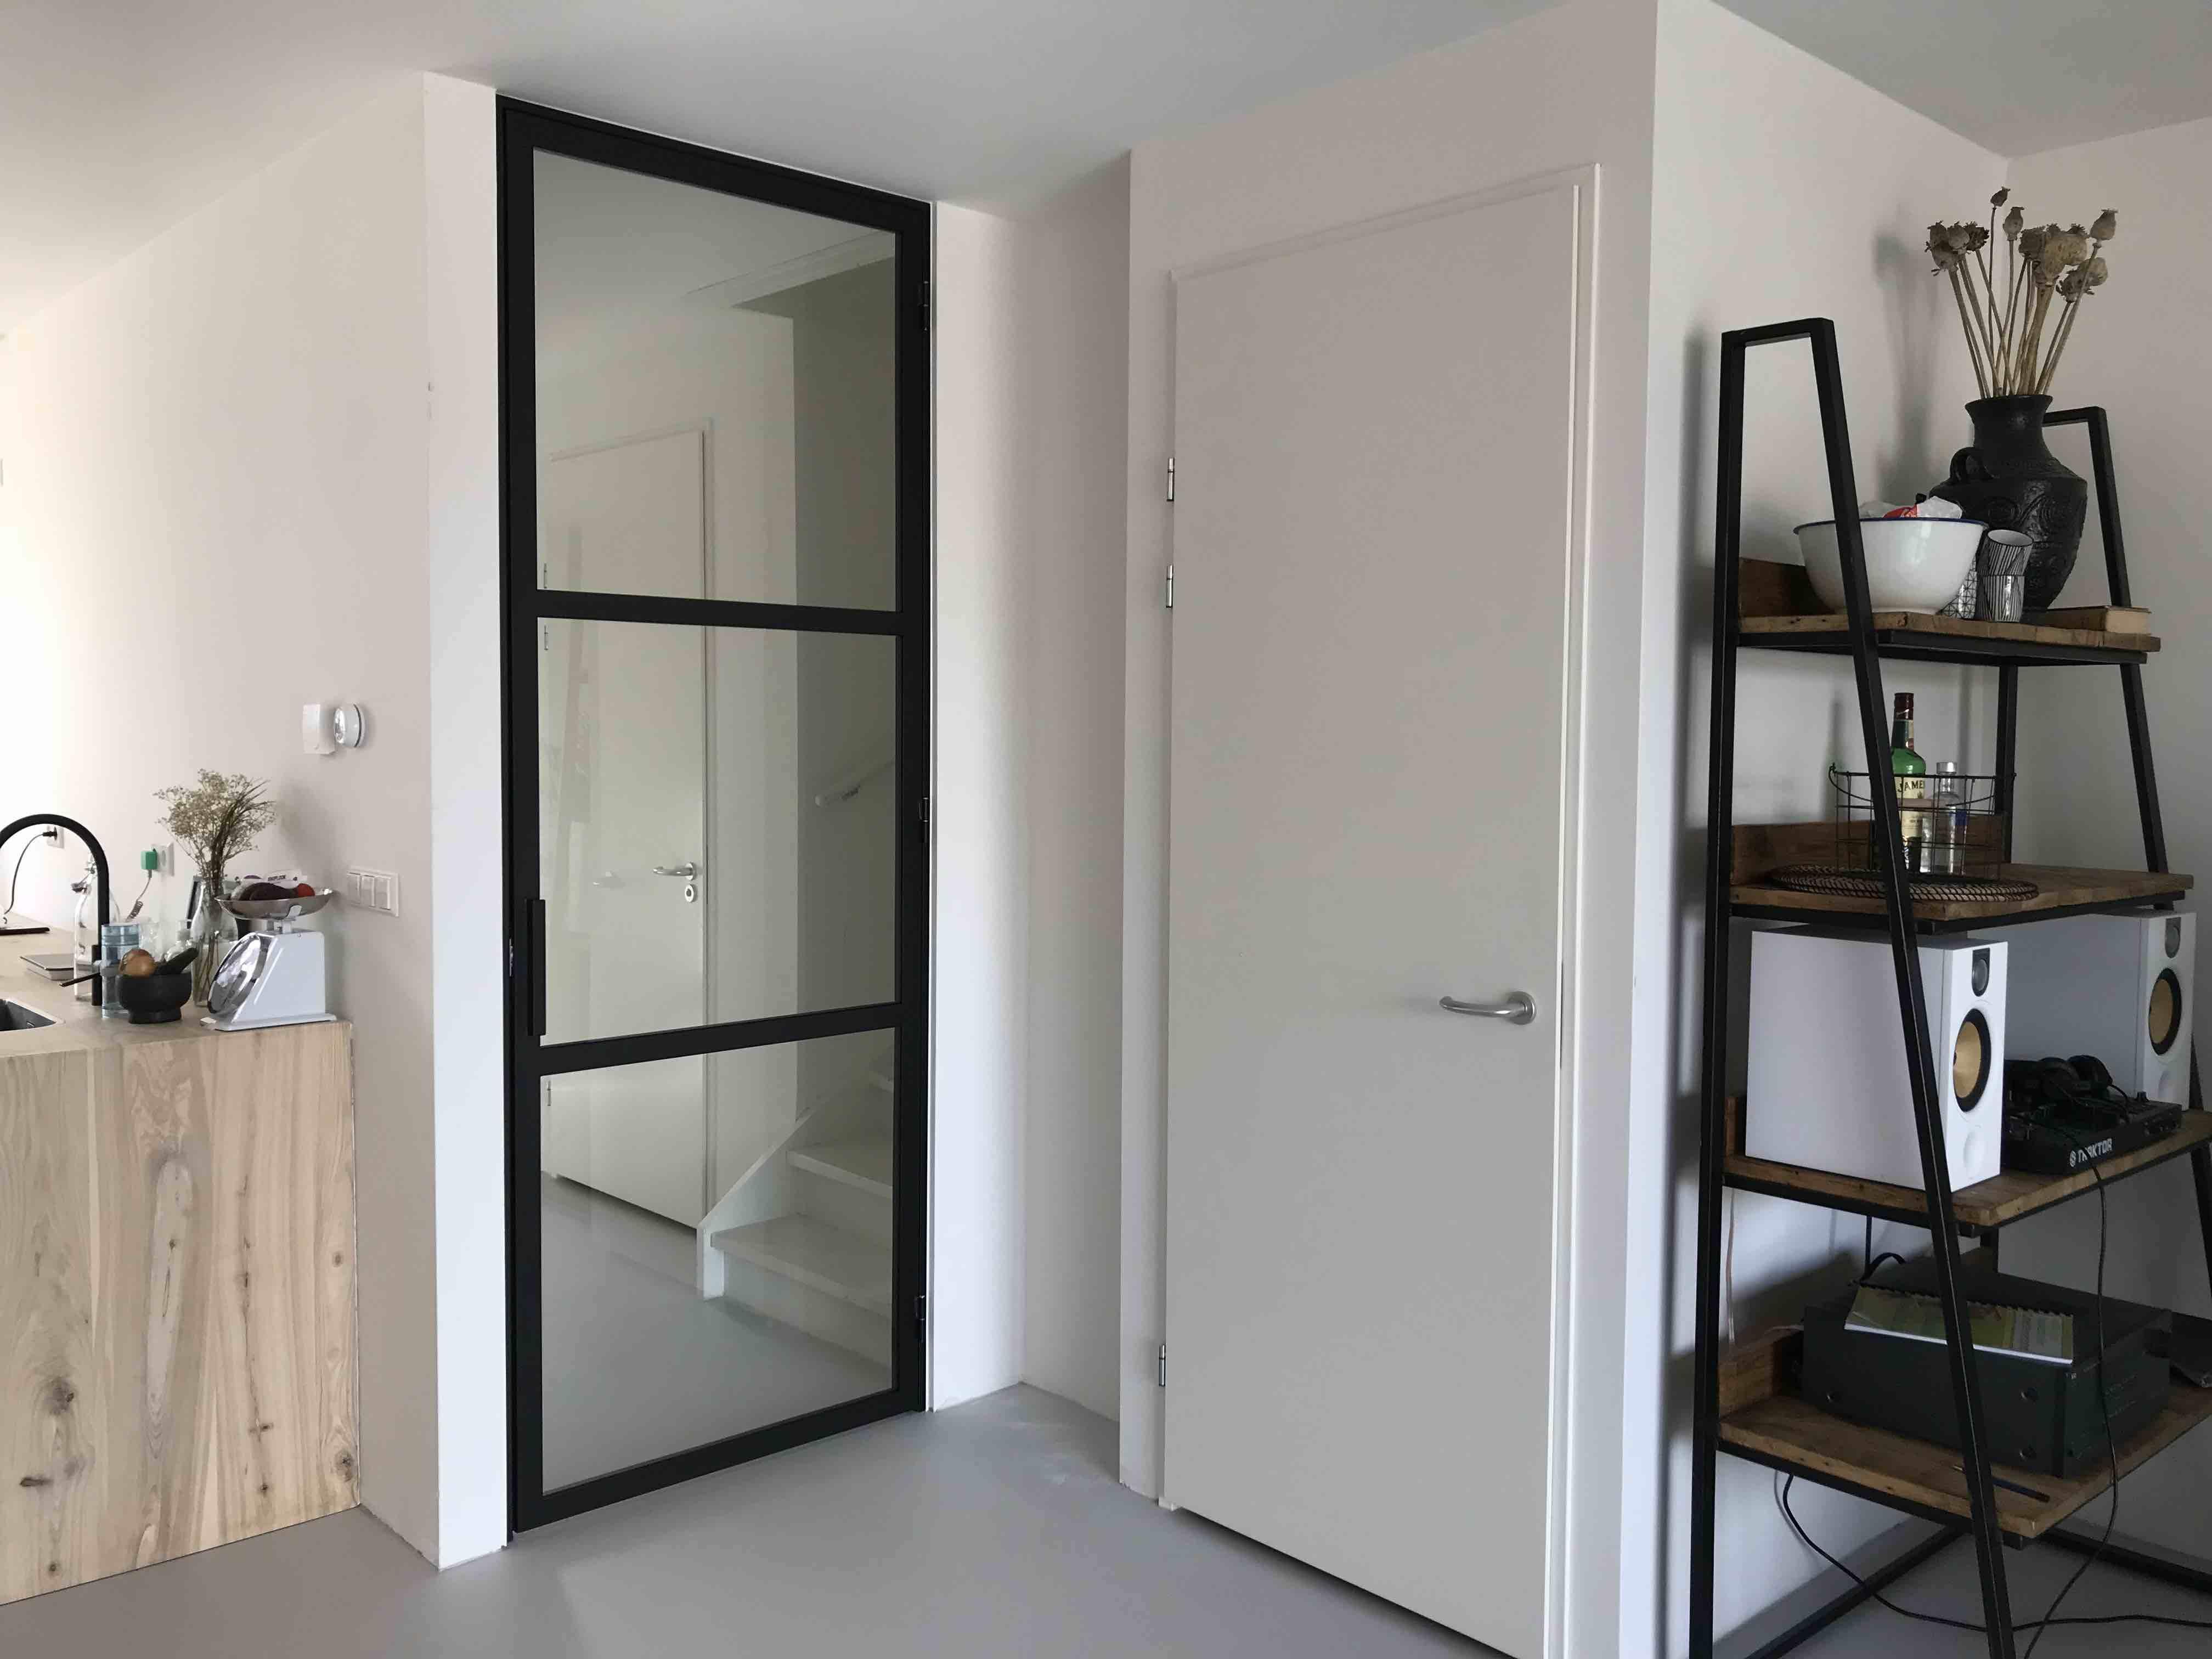 Stalen deur (scharnier) met 3 vakken en hoekgreep - Almere - Mijn Stalen Deur